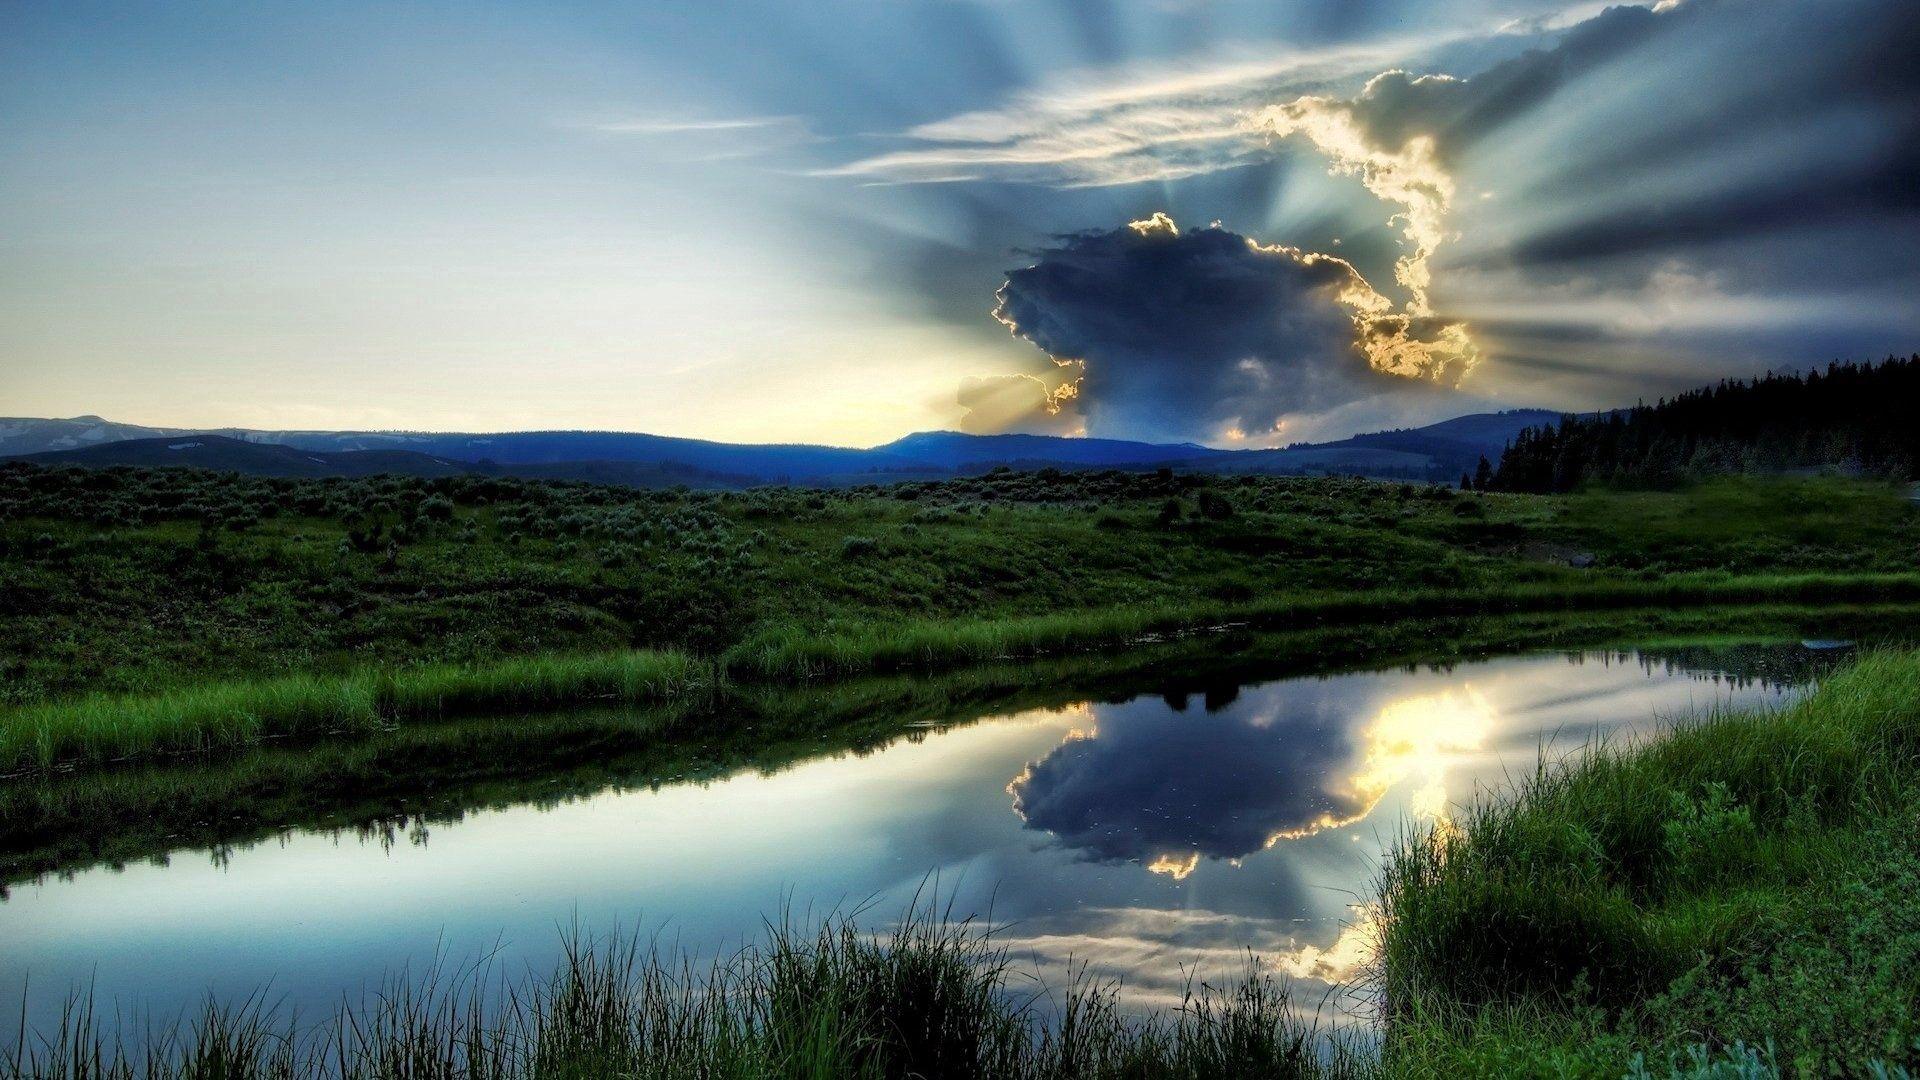 80292 免費下載壁紙 性质, 云, 云端, 闪耀, 光, 阴影, 横梁, 光束, 河, 海岸, 宁静, 无所不能, 太阳 屏保和圖片